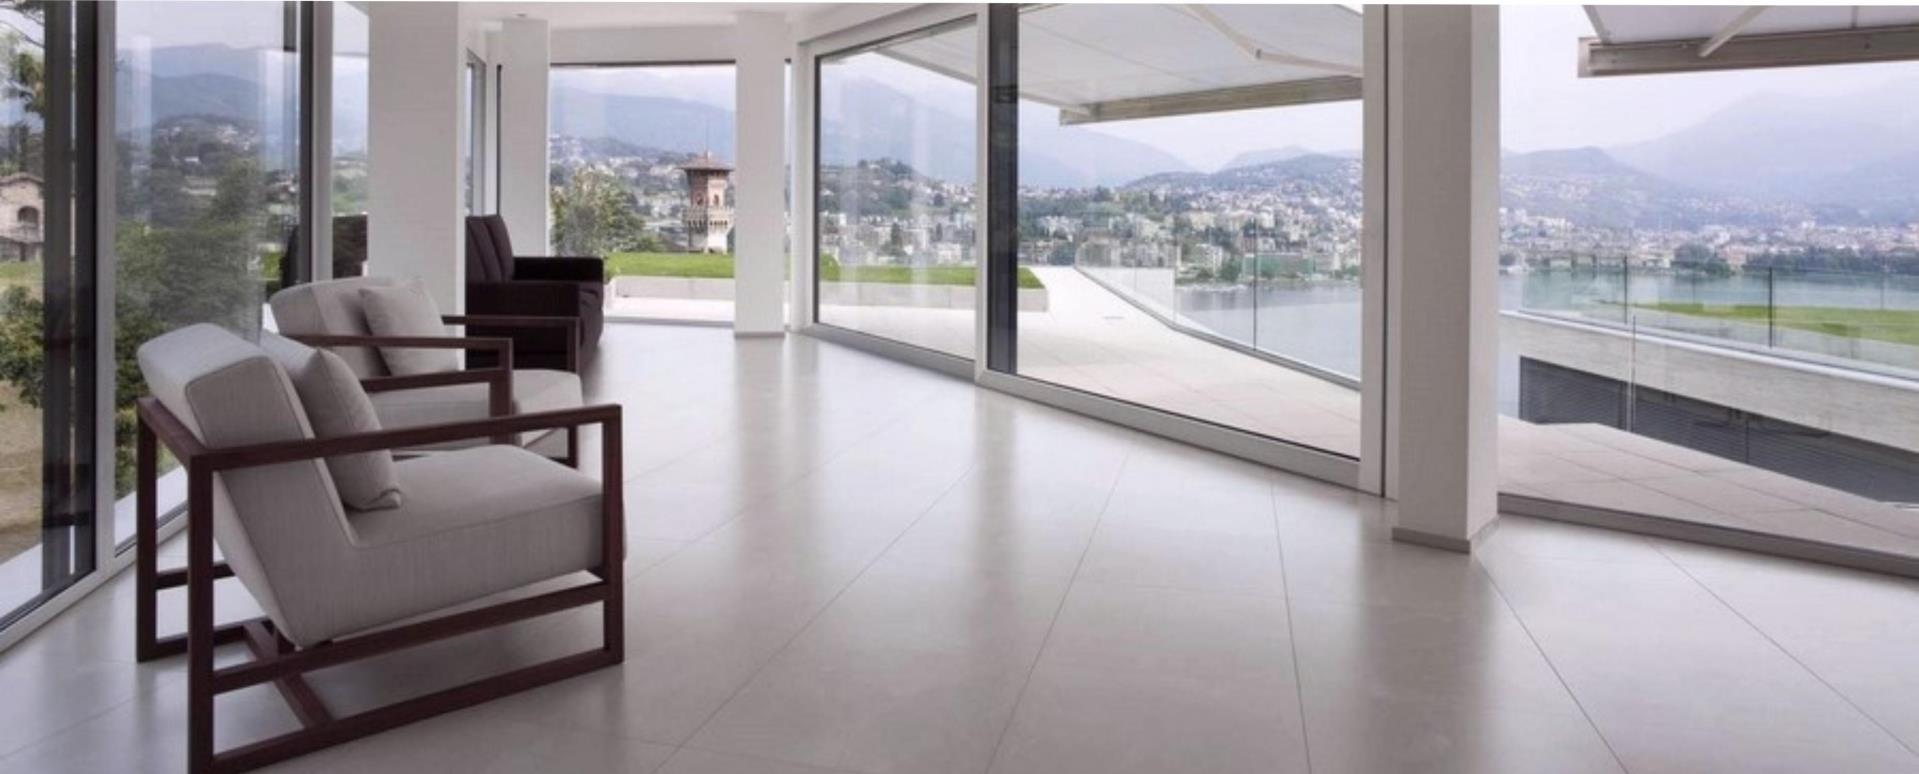 Habitat Immobiliare Geom. Pier Gino Belloni Fidenza (Pr)